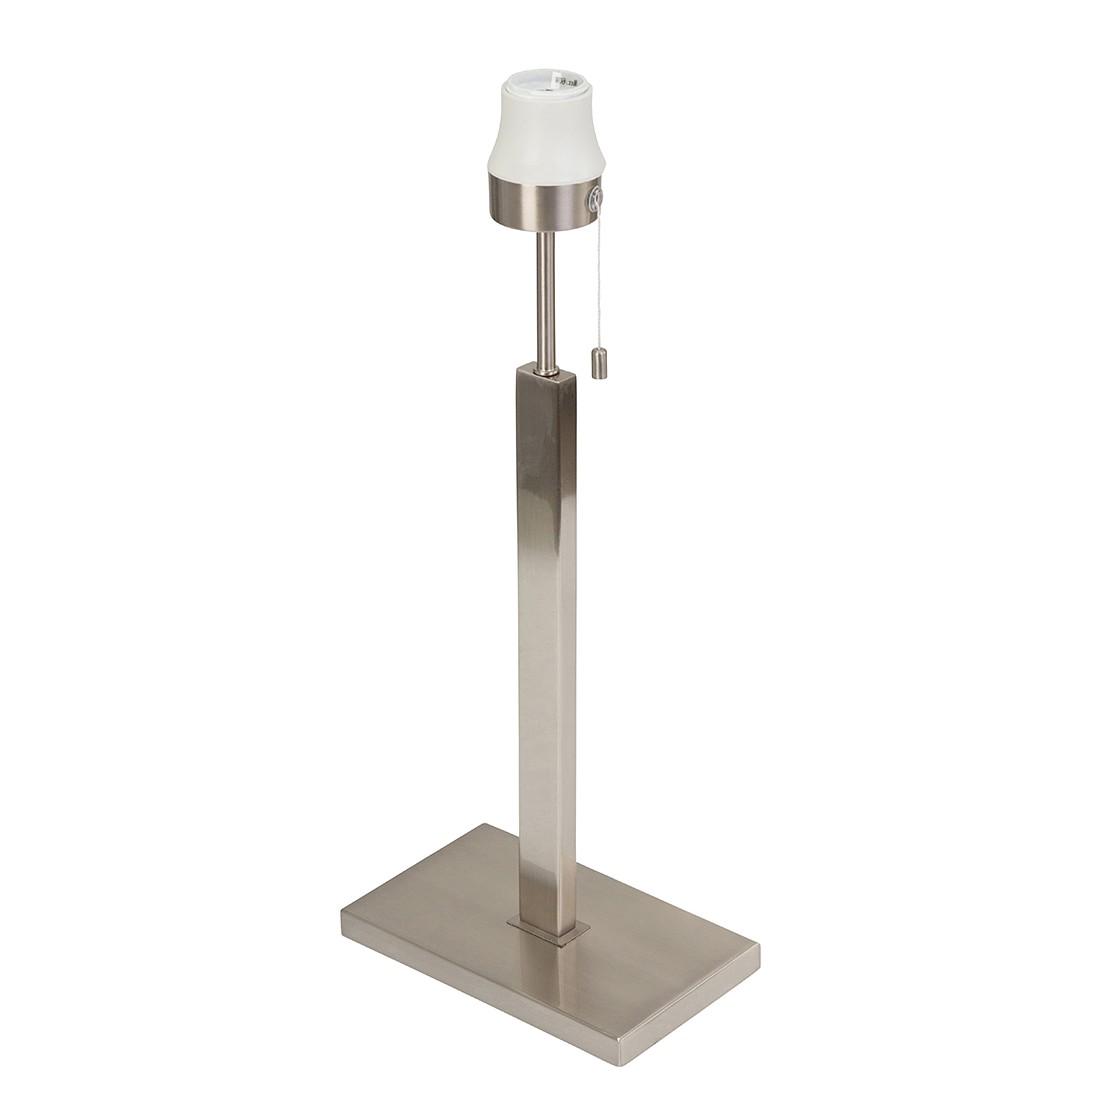 EEK A++, Lampe de table avec armature Louis - 1 ampoule Nickel mat, Steinhauer